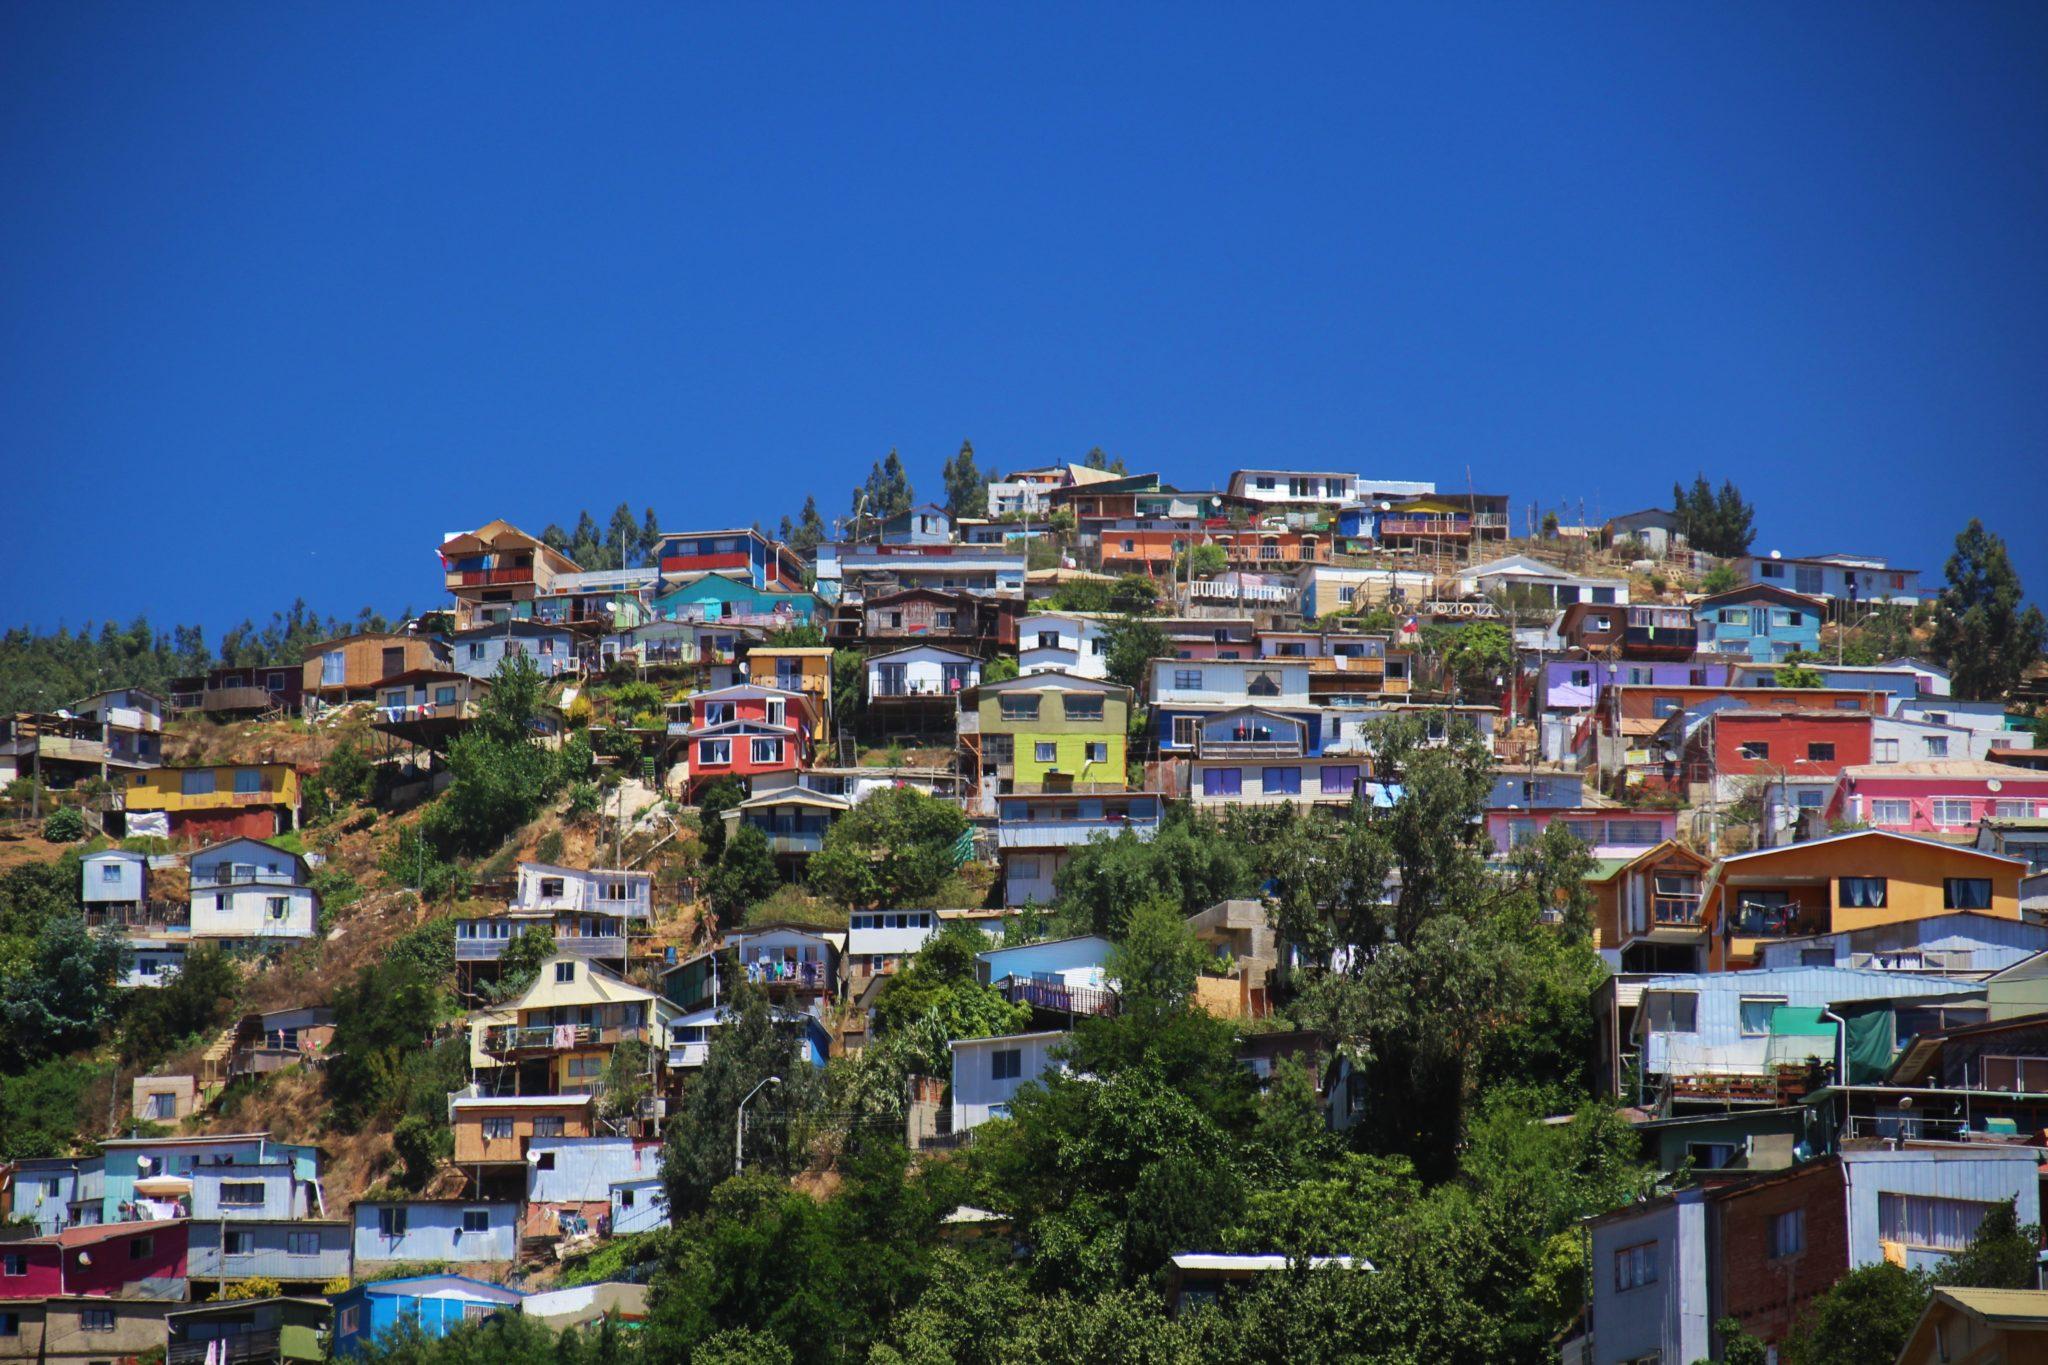 Région centrale colines valparaiso cerros chili couleurs